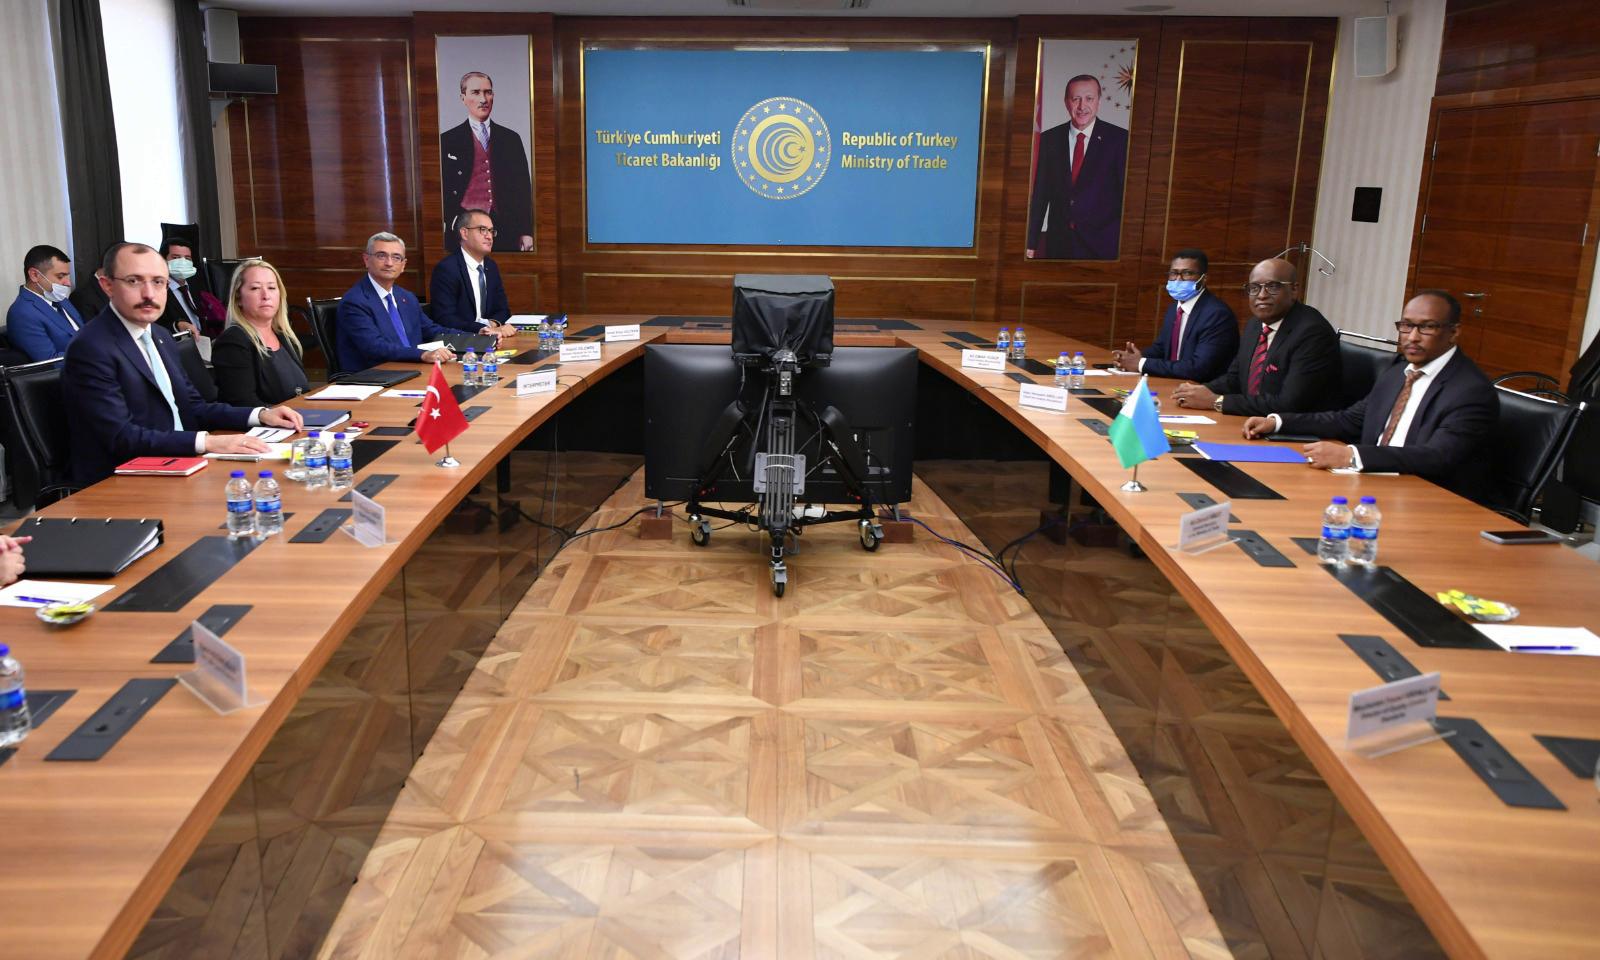 Visite de travail du ministre du Commerce à Ankara